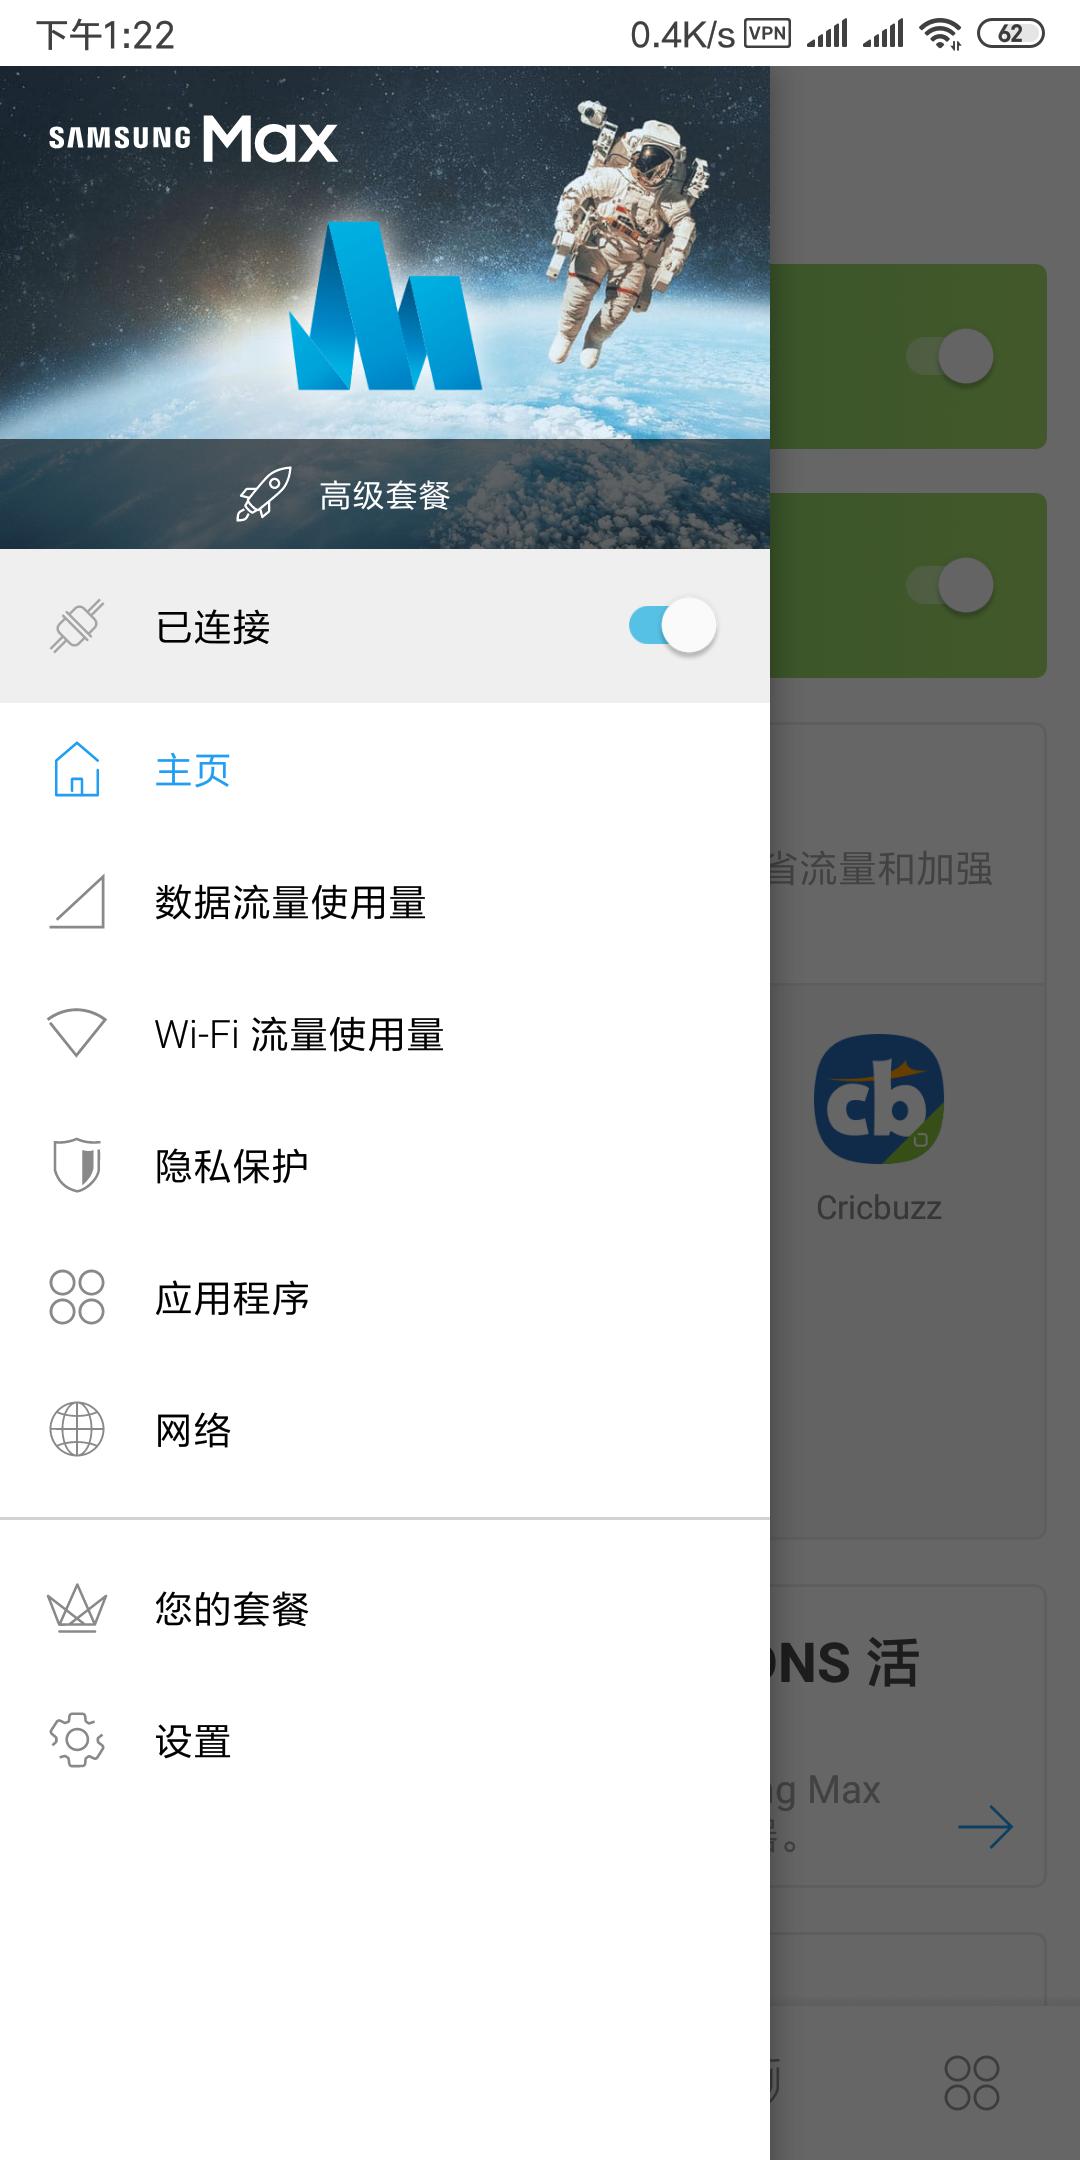 Screenshot_2019-01-29-13-22-00-661_com.opera.max..png